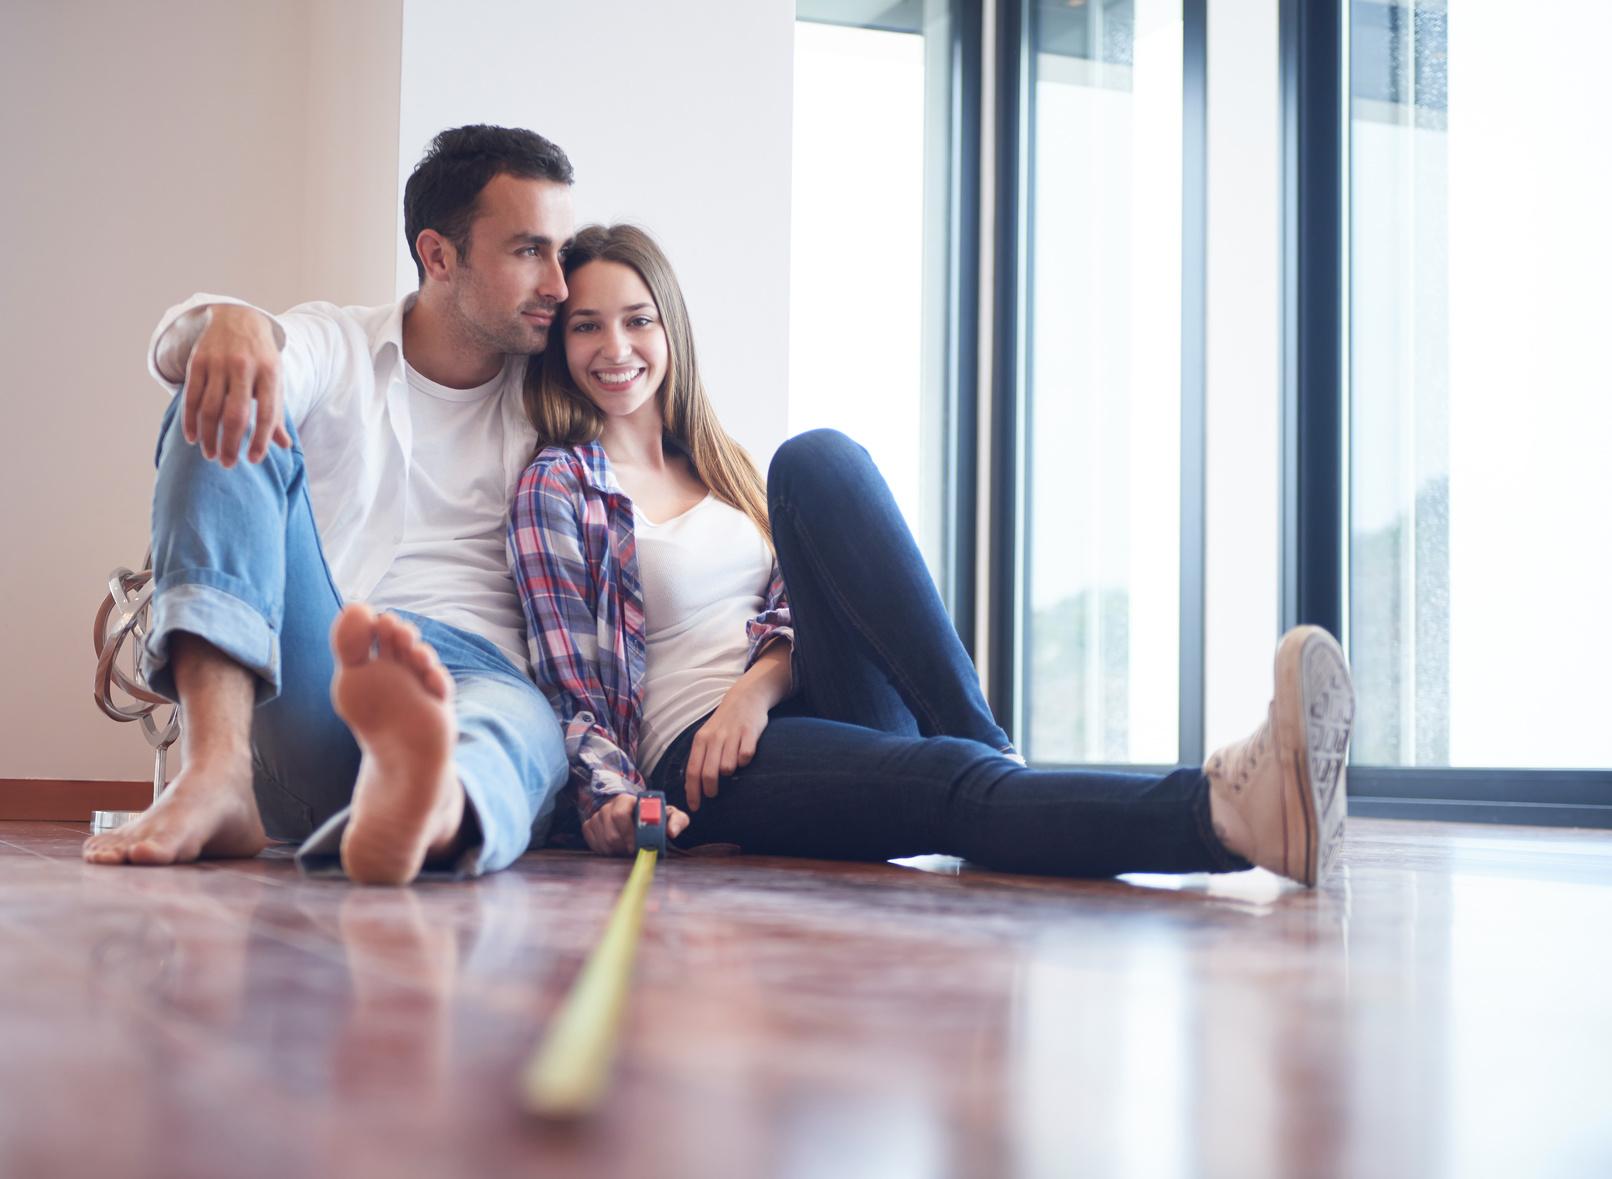 Wohnung Mieten Oder Kaufen